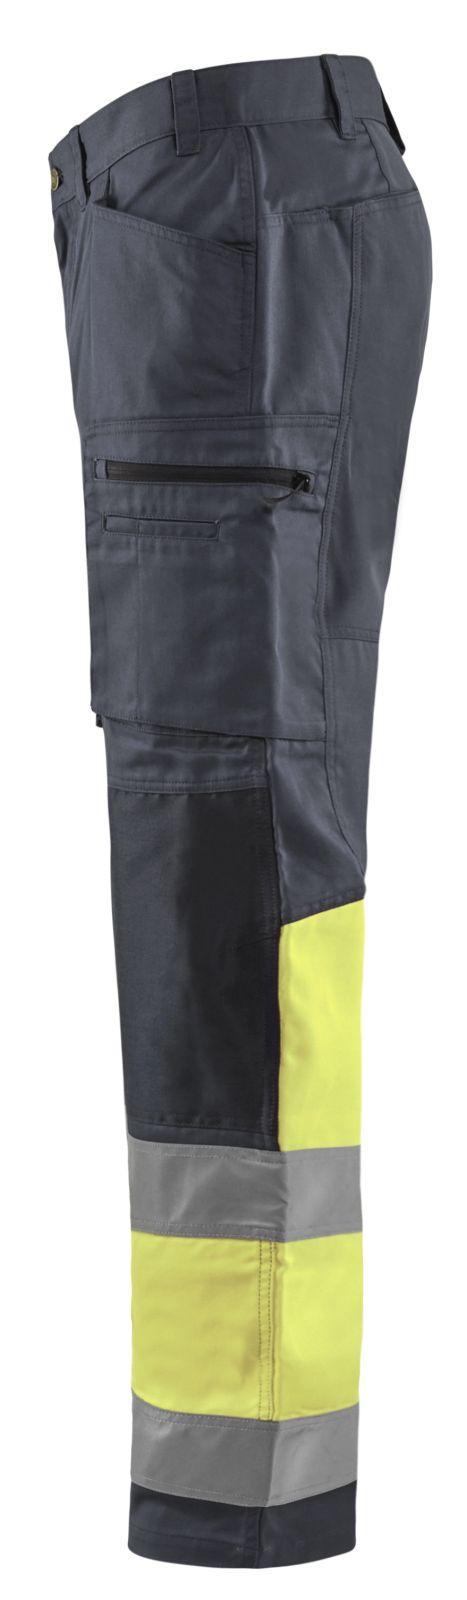 Blaklader Broeken 15511811 High Vis middelgrijs-fluo geel(9633)